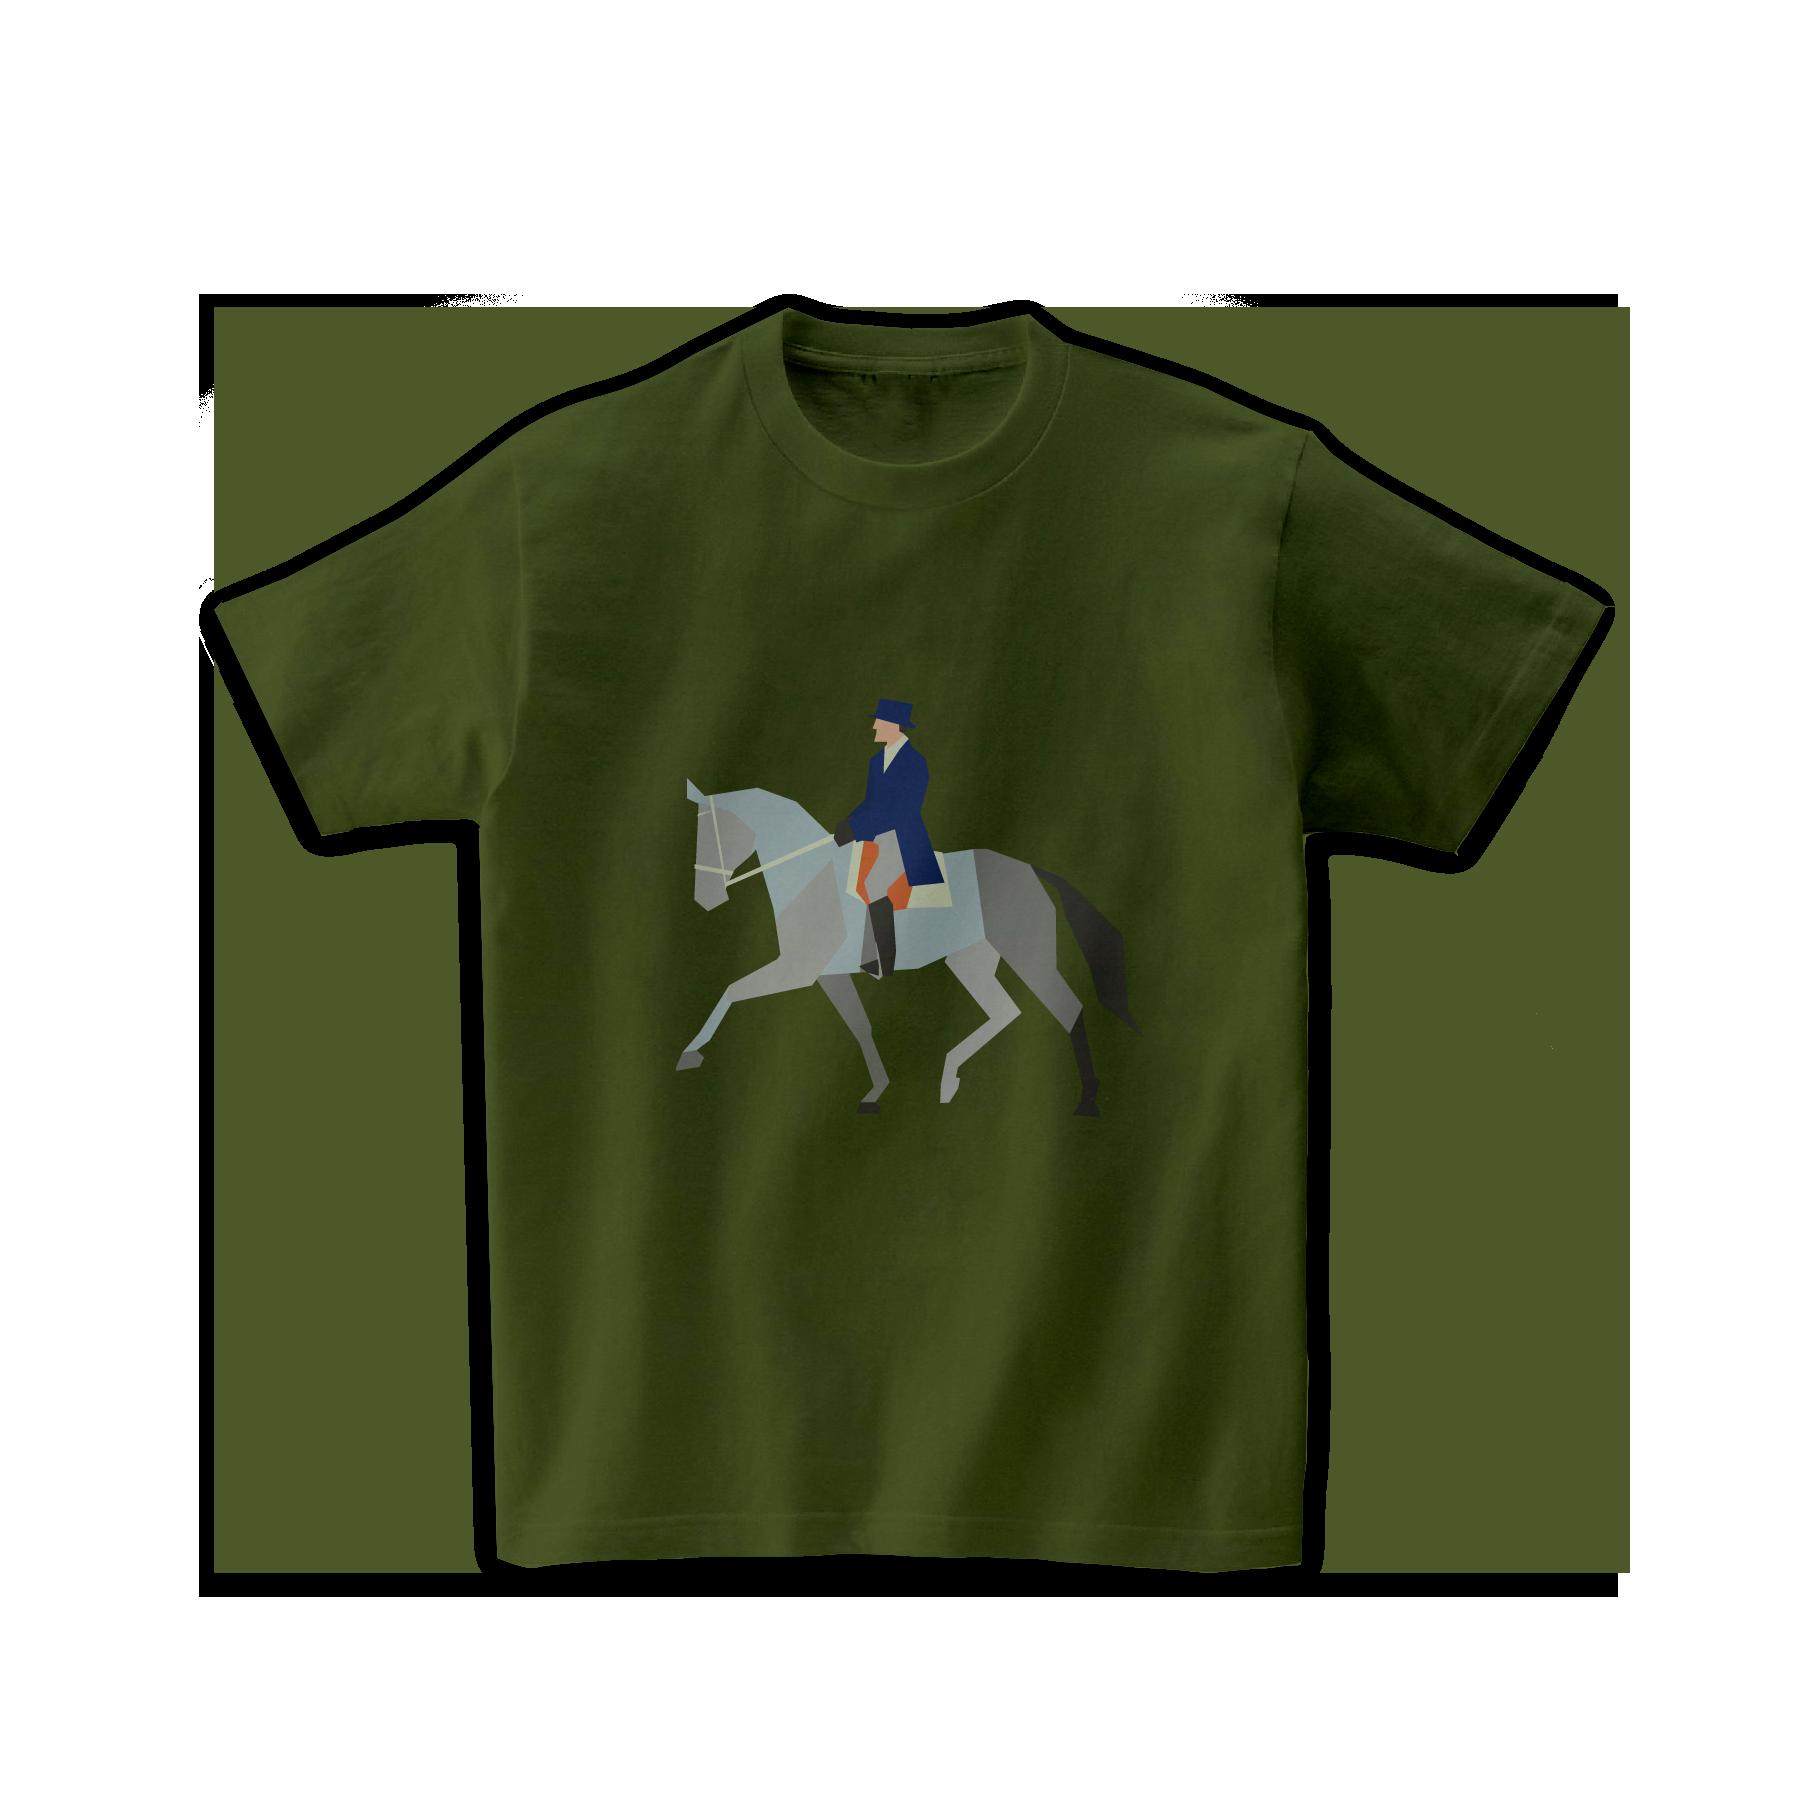 馬術Tシャツ-馬場馬術